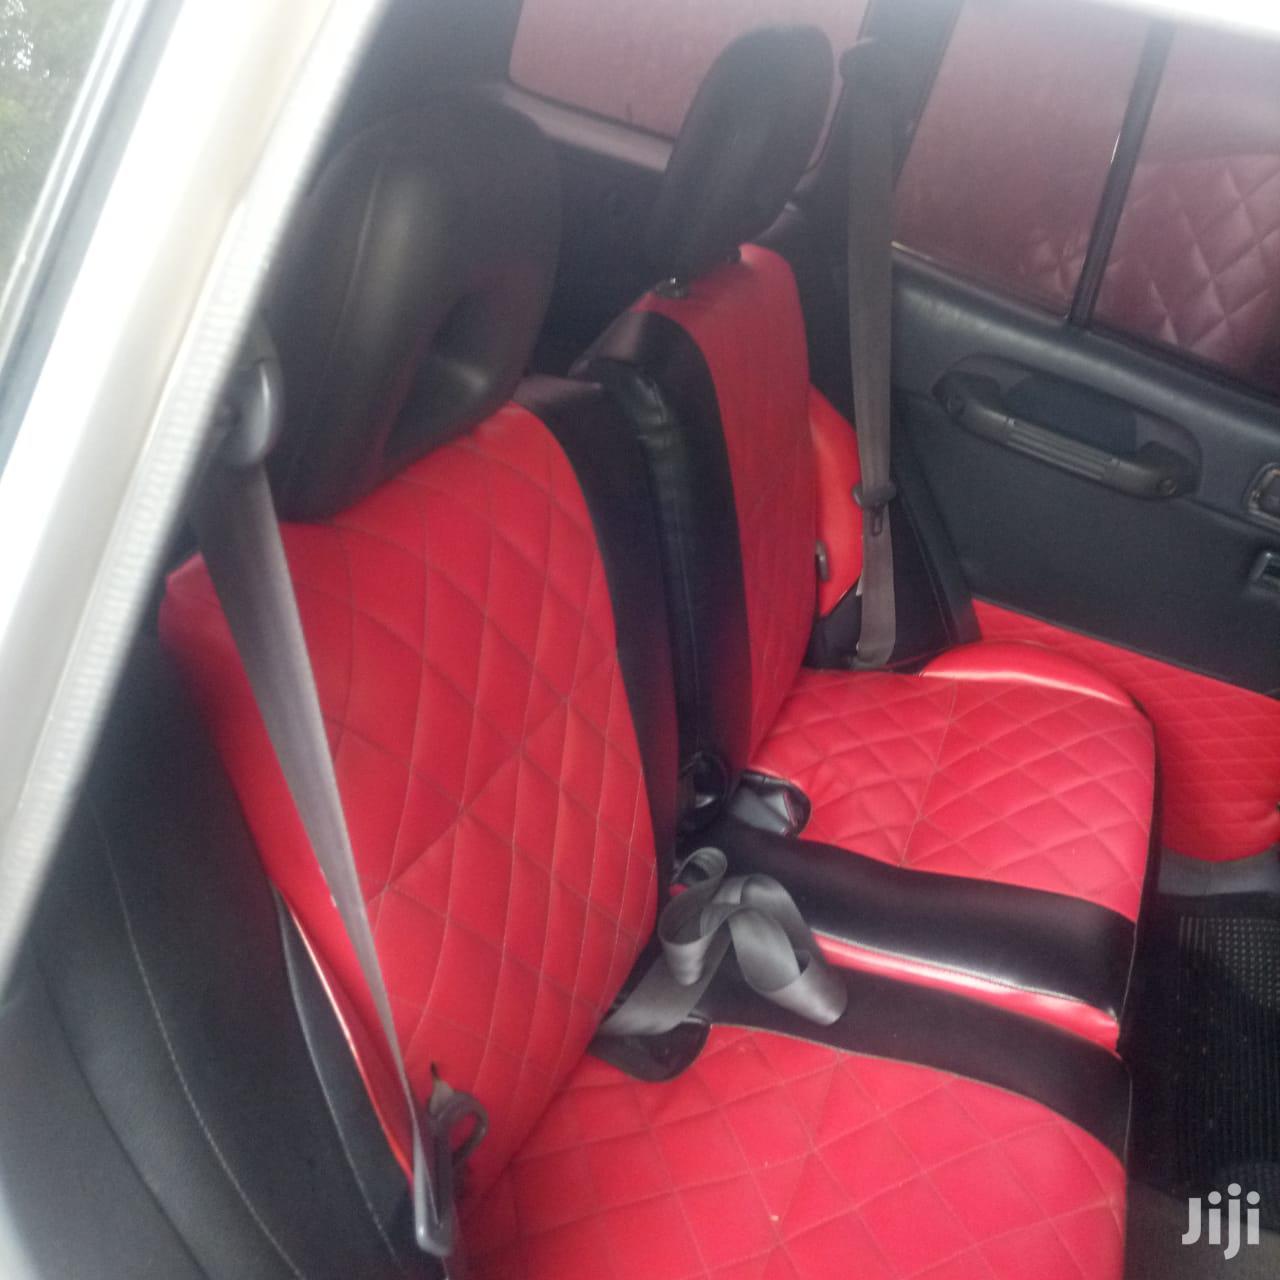 Archive: Toyota RAV4 1998 Cabriolet